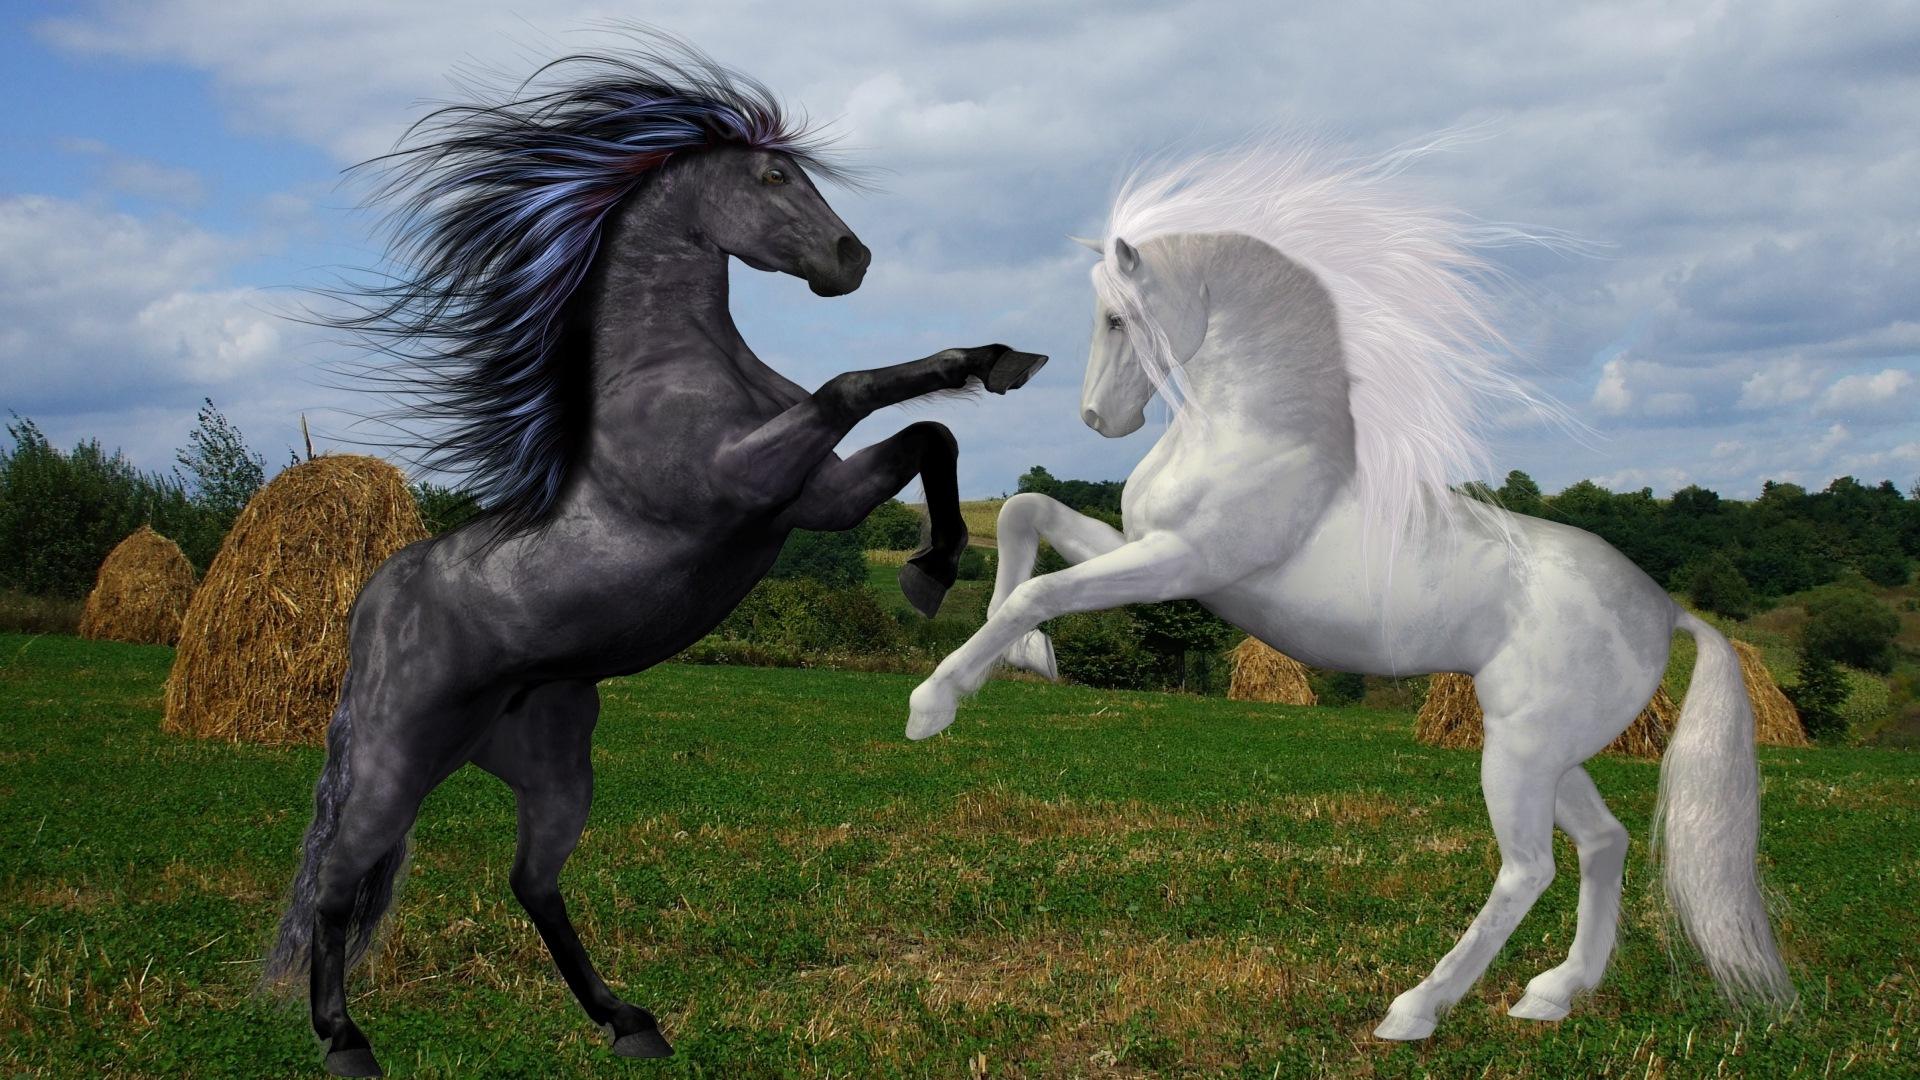 Hintergrundbilder Pferde Fotomontage